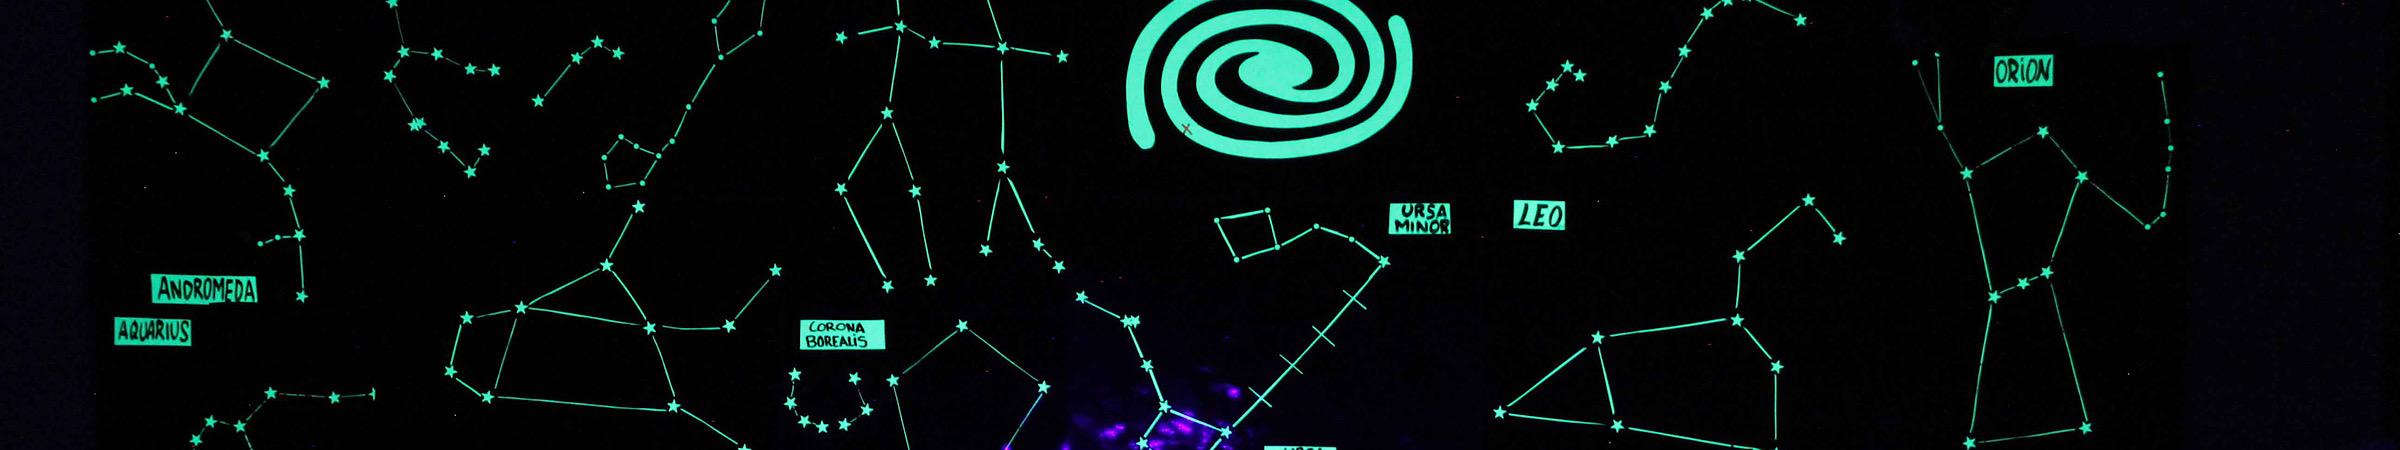 Constelaciones fotoluminiscentes